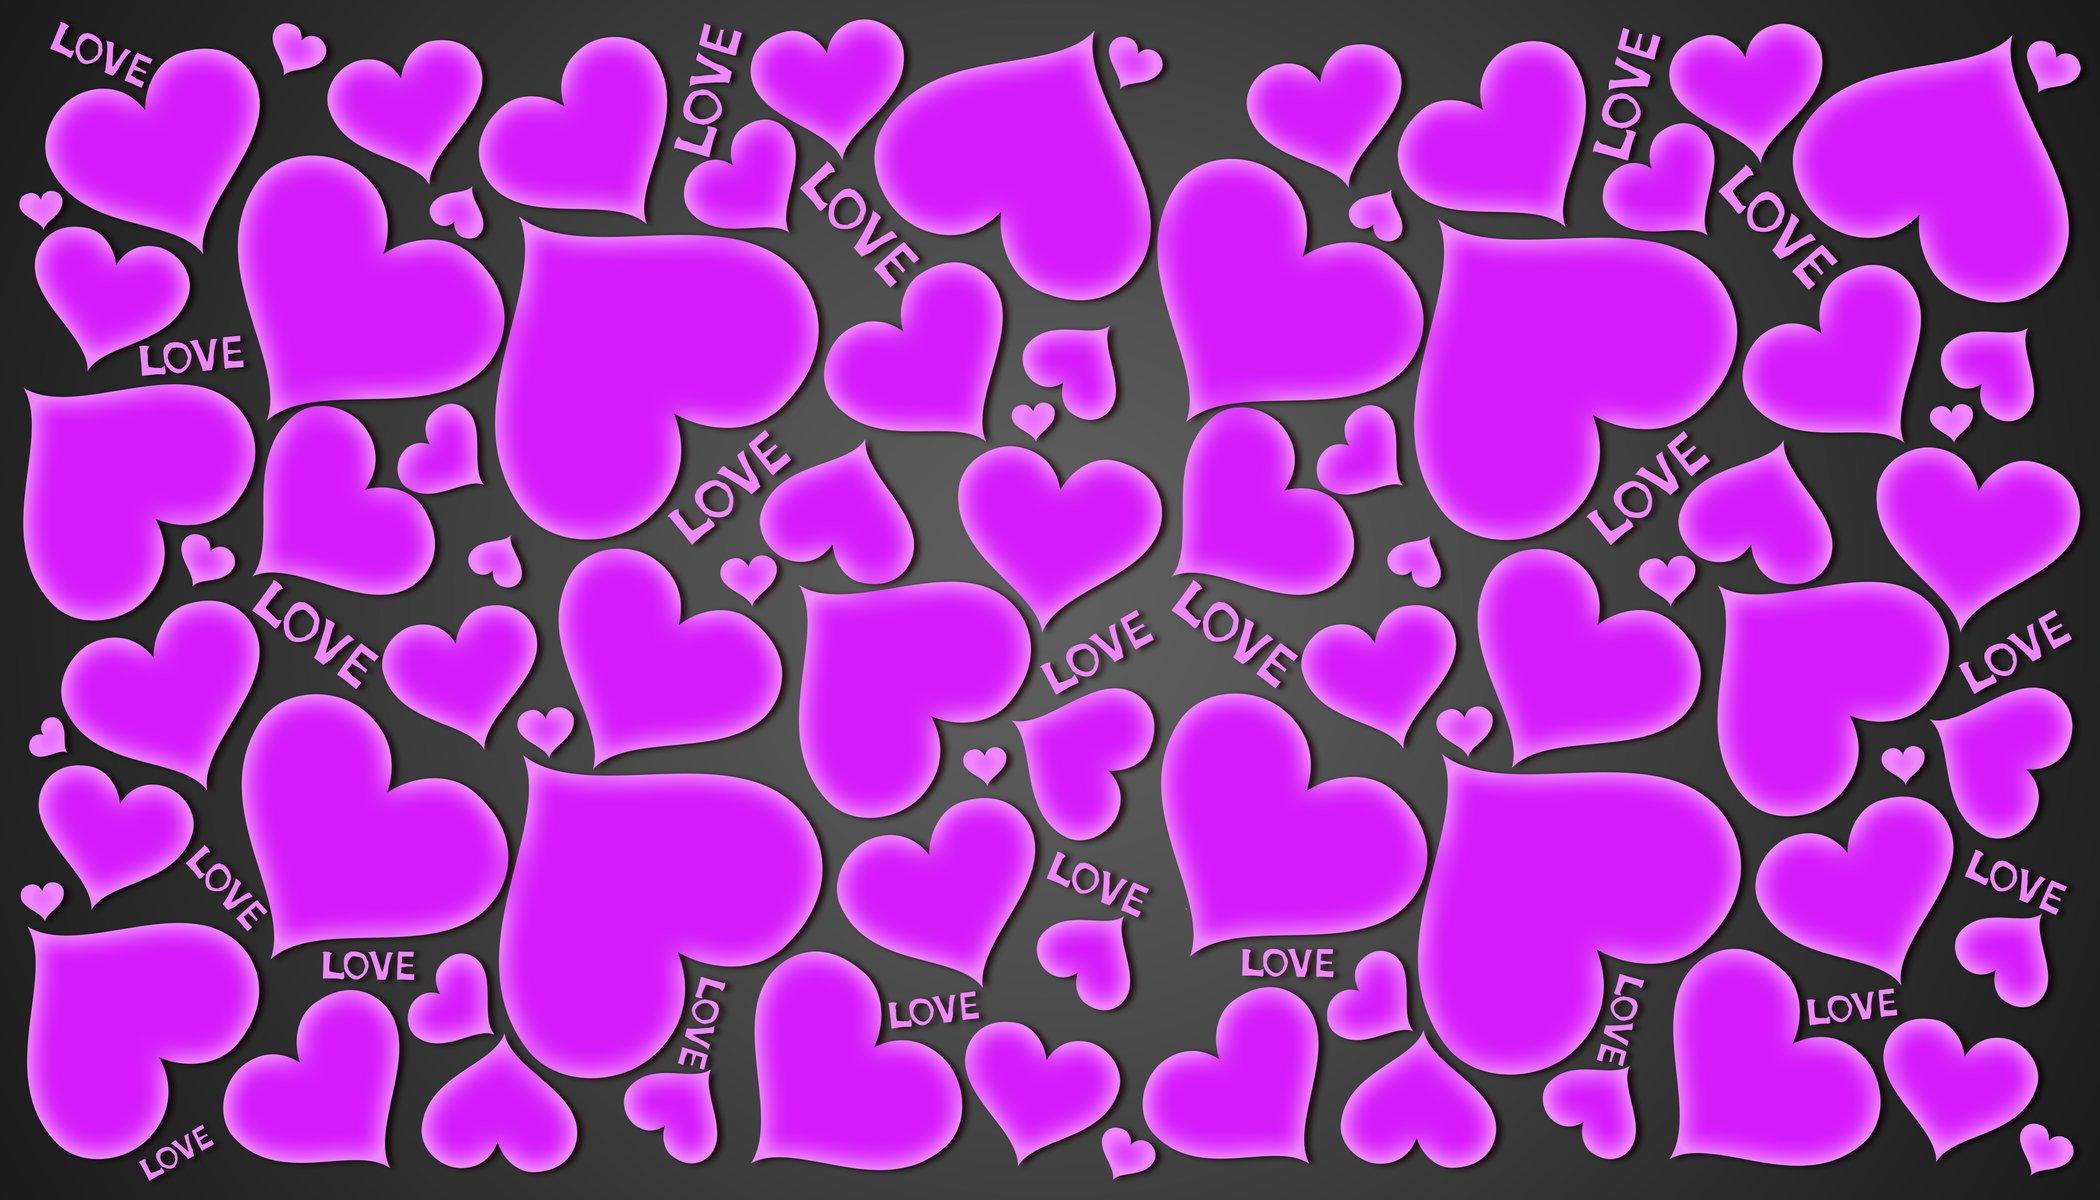 чтобы обои на телефон красивые фиолетовые сердечки любите носить